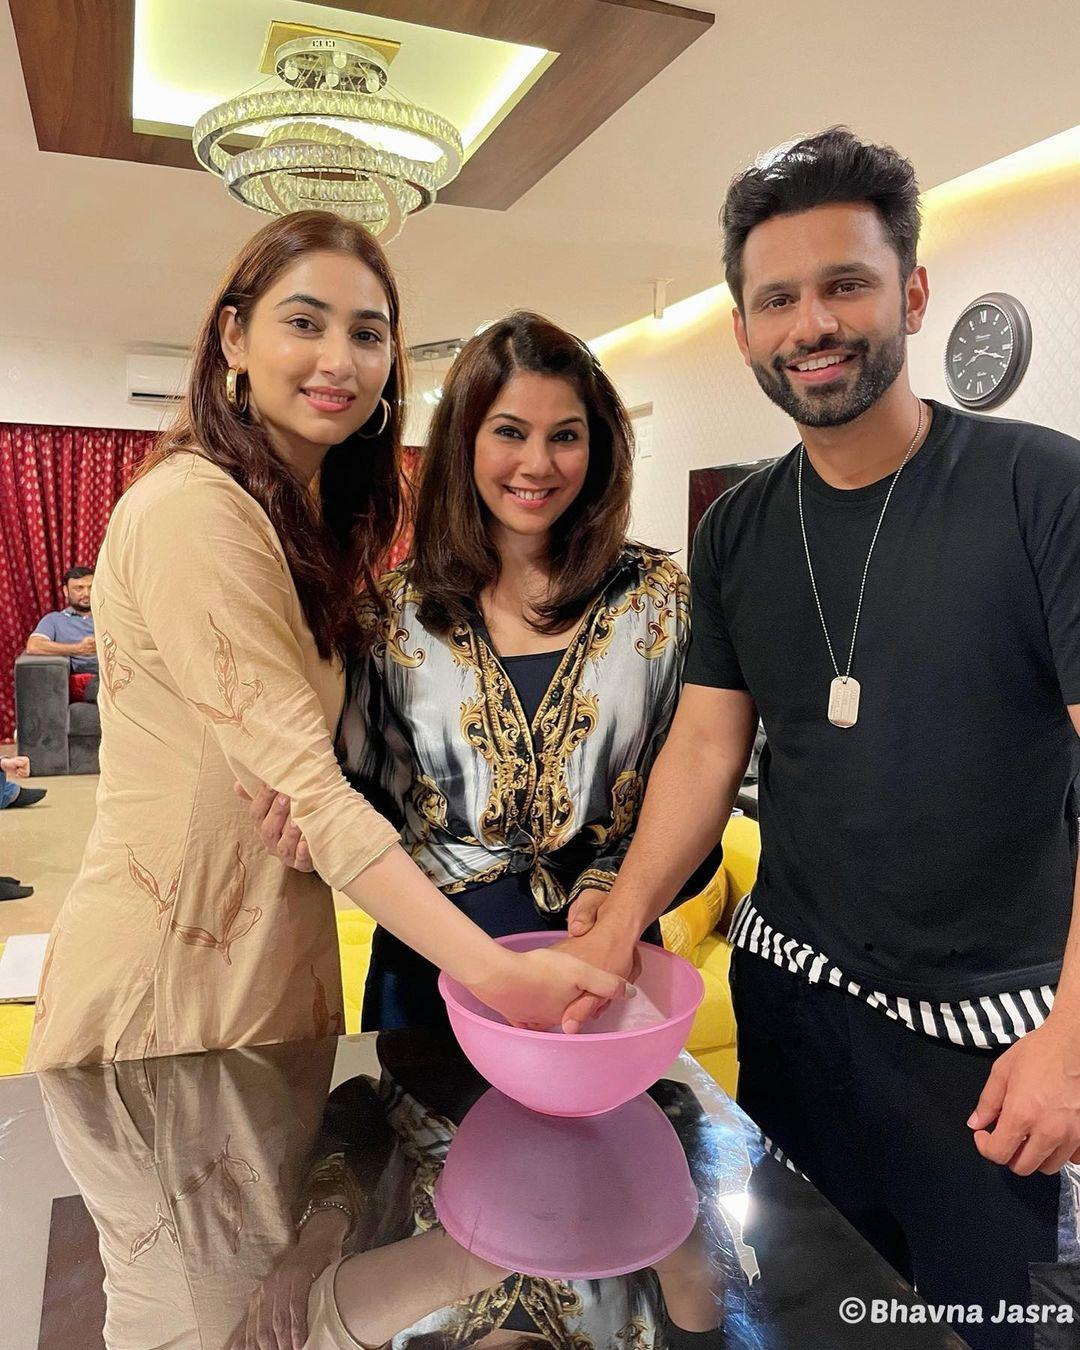 disha parmar and rahul